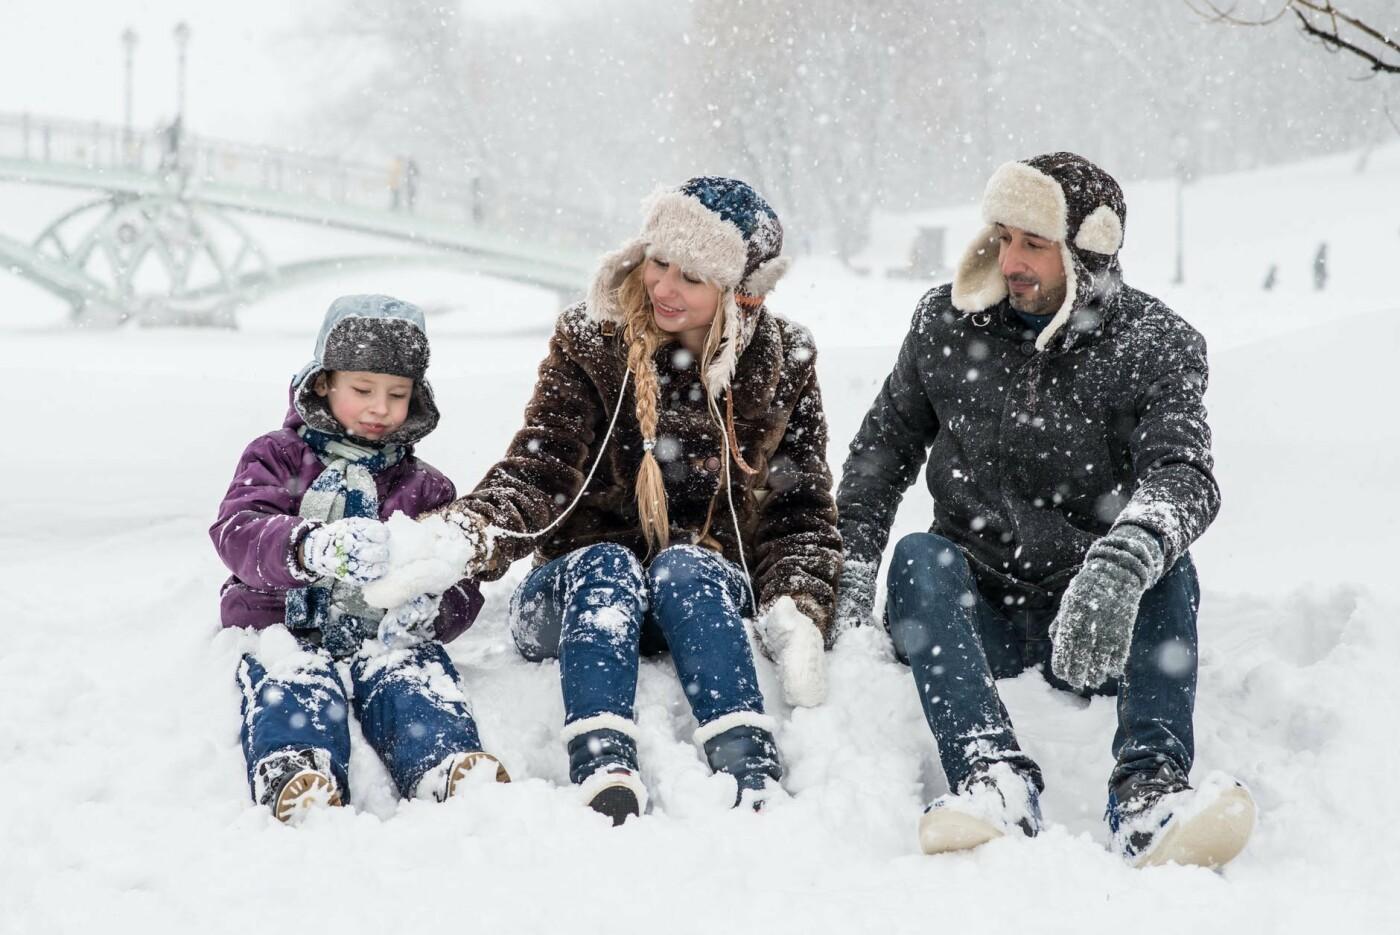 діти мають якомога частіше рухатися і перебувати на свіжому повітрі